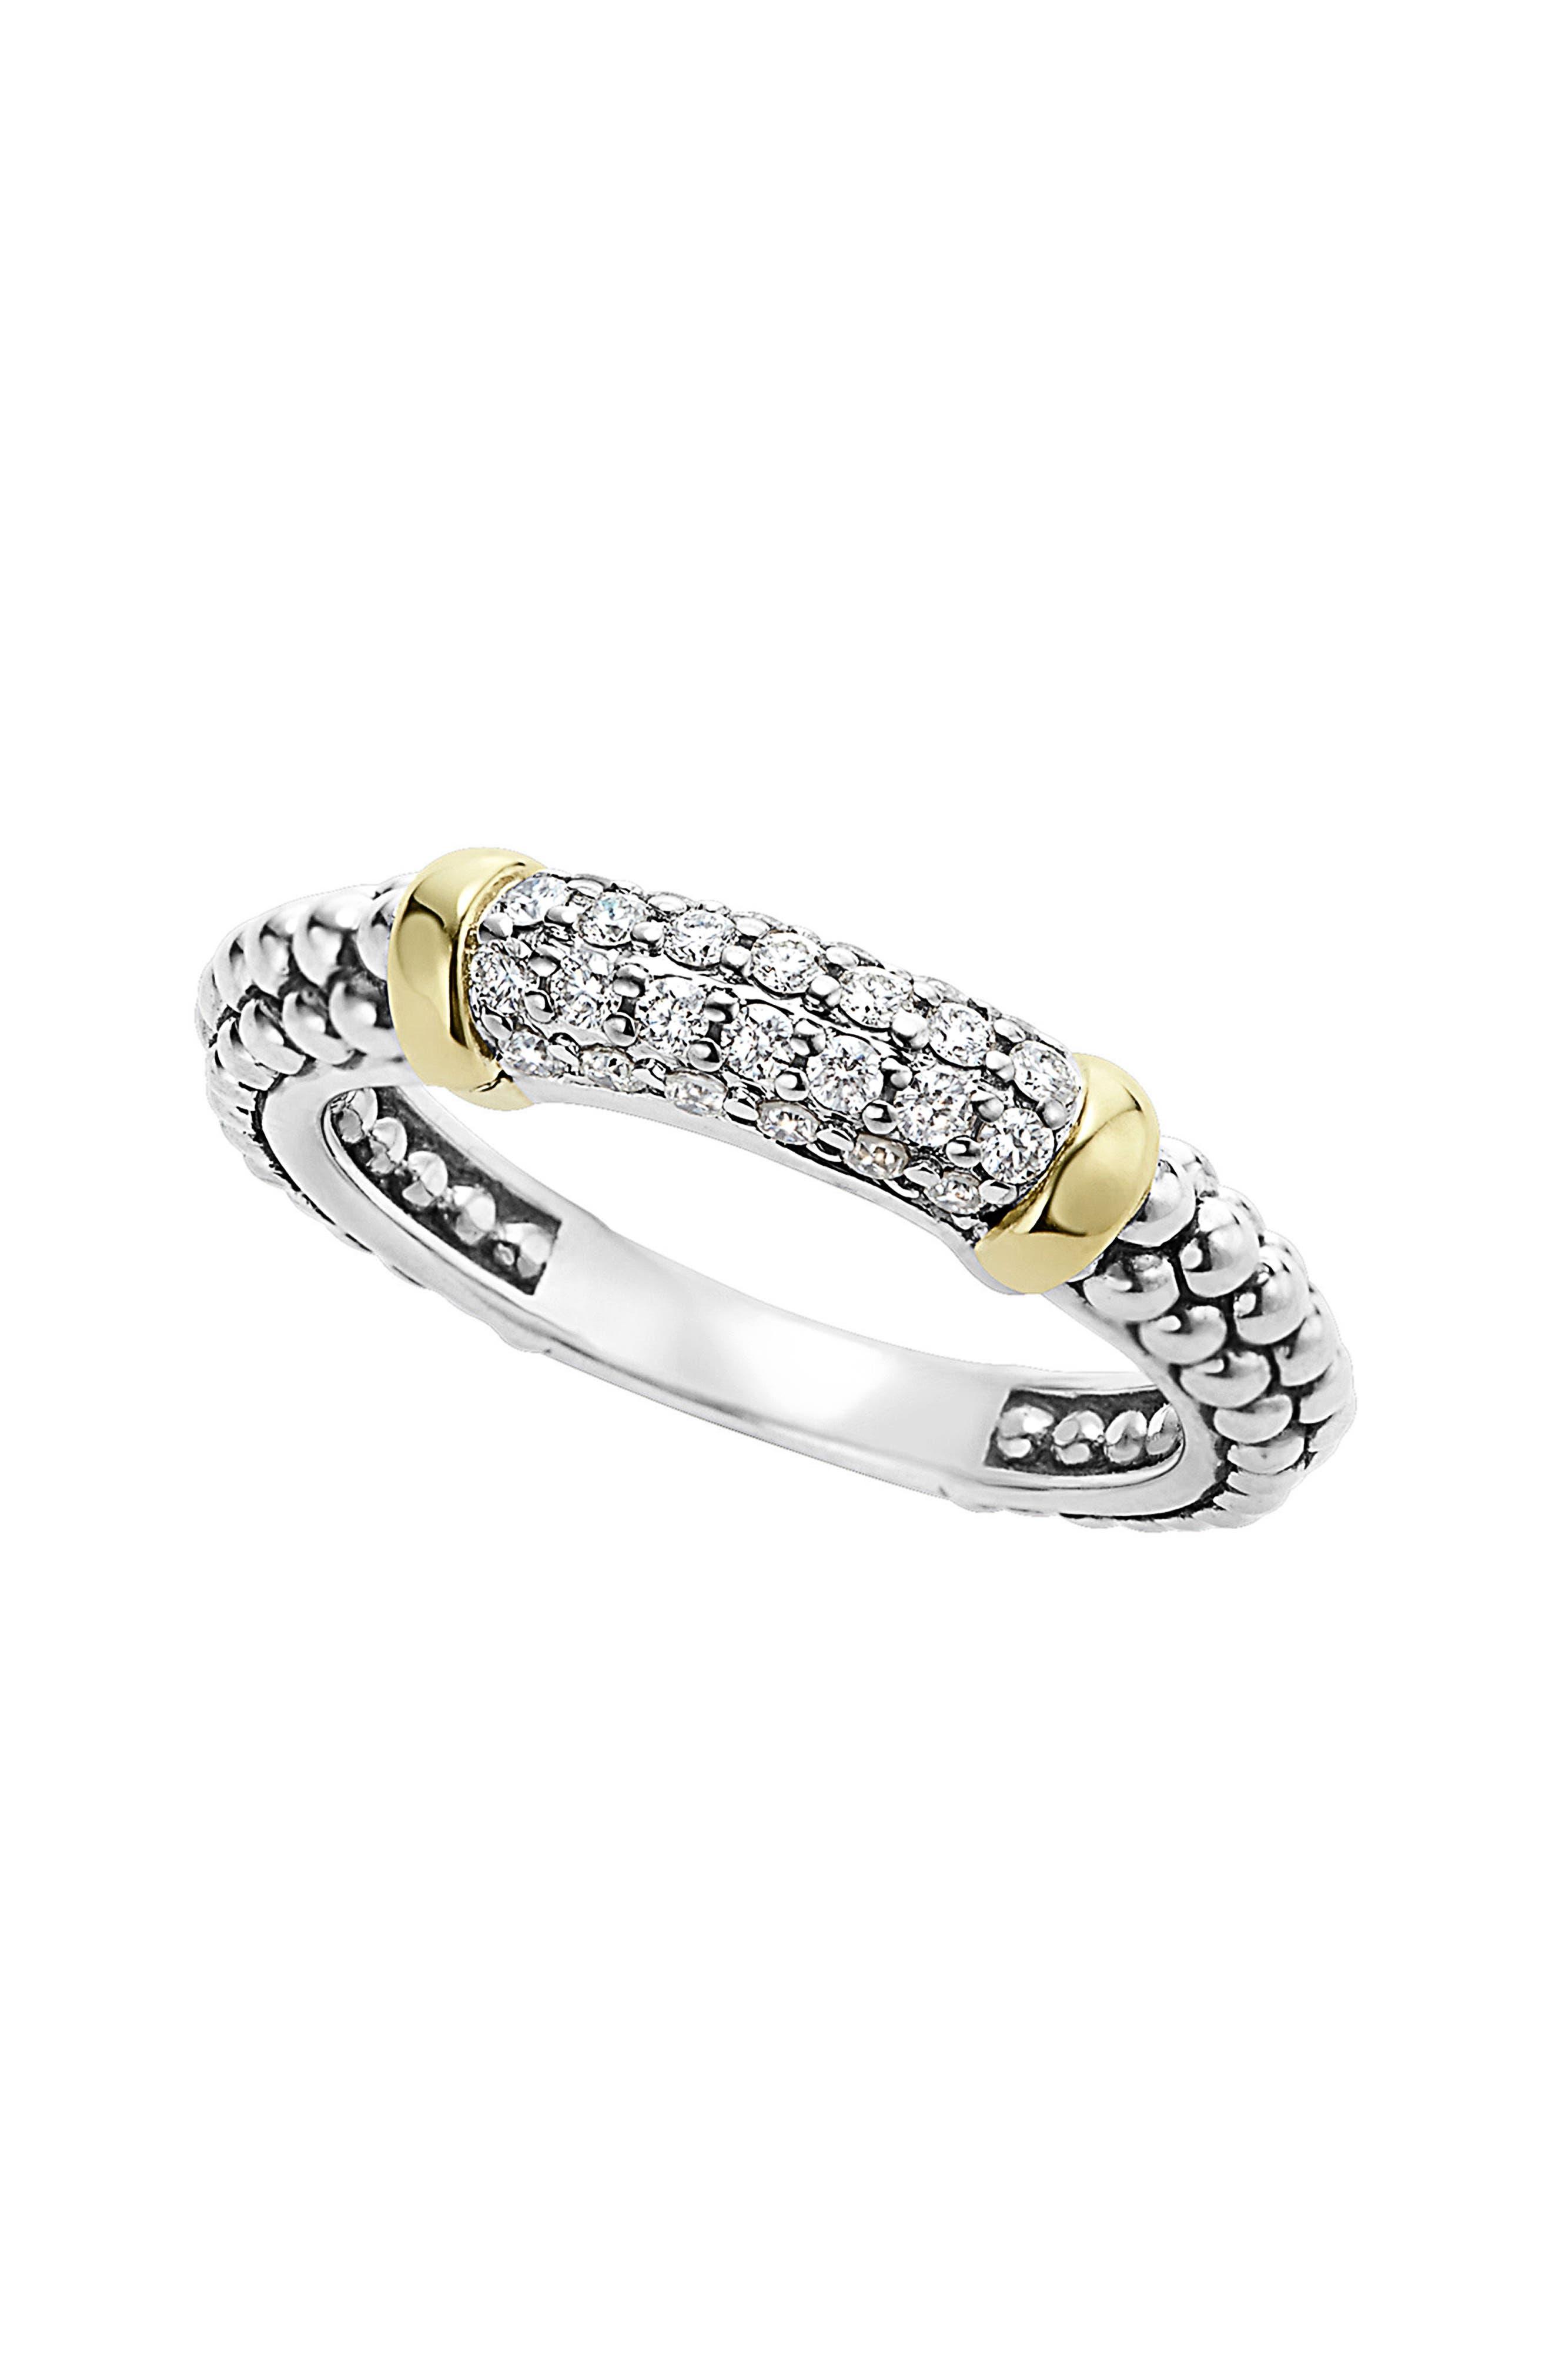 'Caviar' Diamond Band Ring,                             Main thumbnail 1, color,                             SILVER